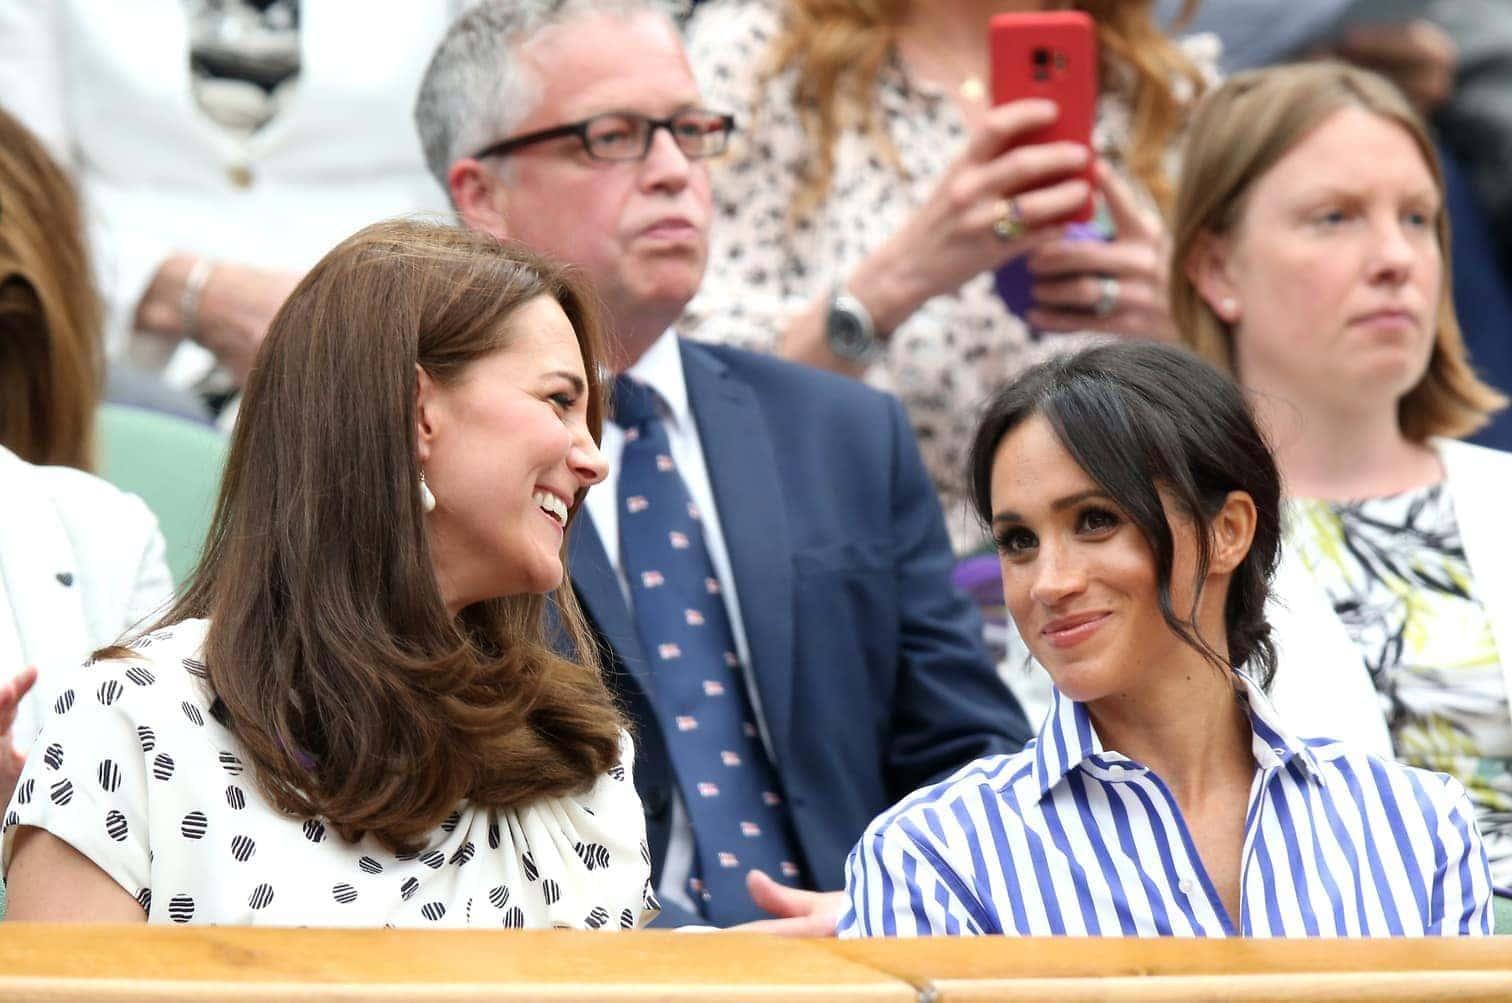 <p>Bei ihrem ersten gemeinsamen Auftritt ohne ihre Männer haben die britischen Herzoginnen Kate und Meghan (beide 36) die Tennis-Fans in Wimbledon entzückt.</p> Foto: dpa